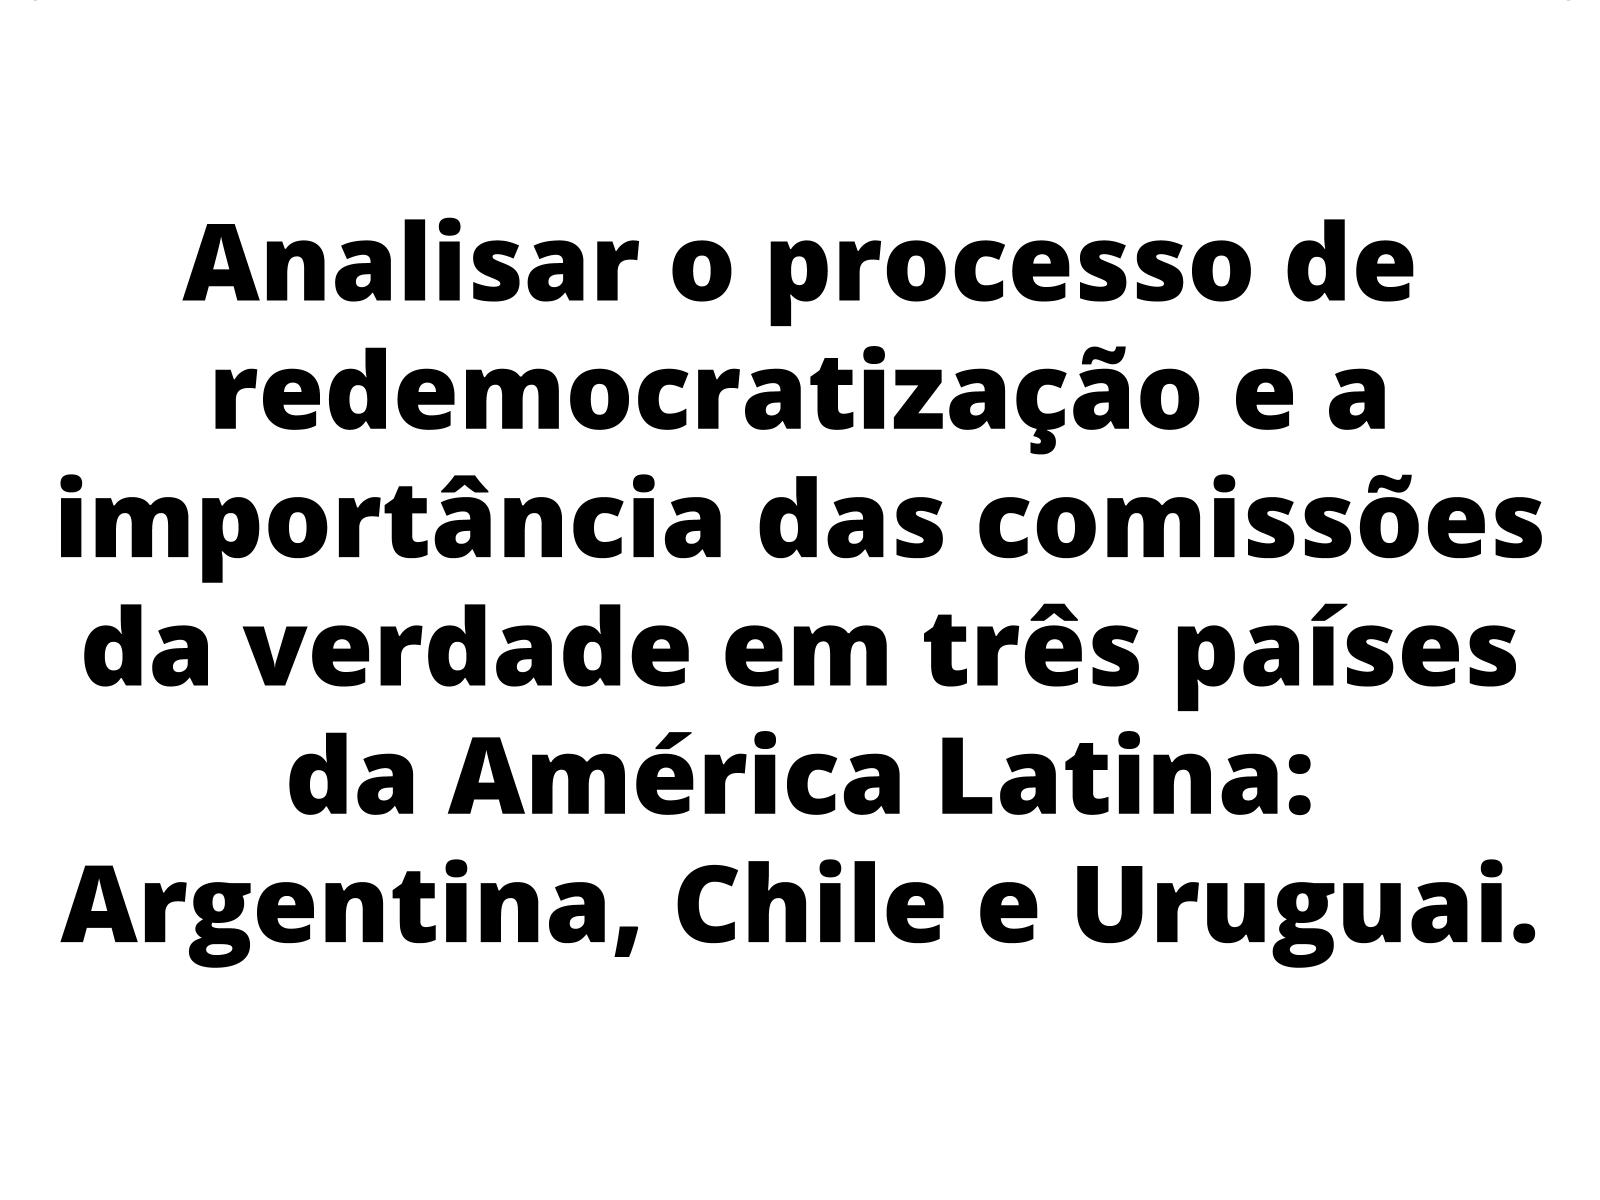 Redemocratização e o papel das comissões da verdade na América Latina